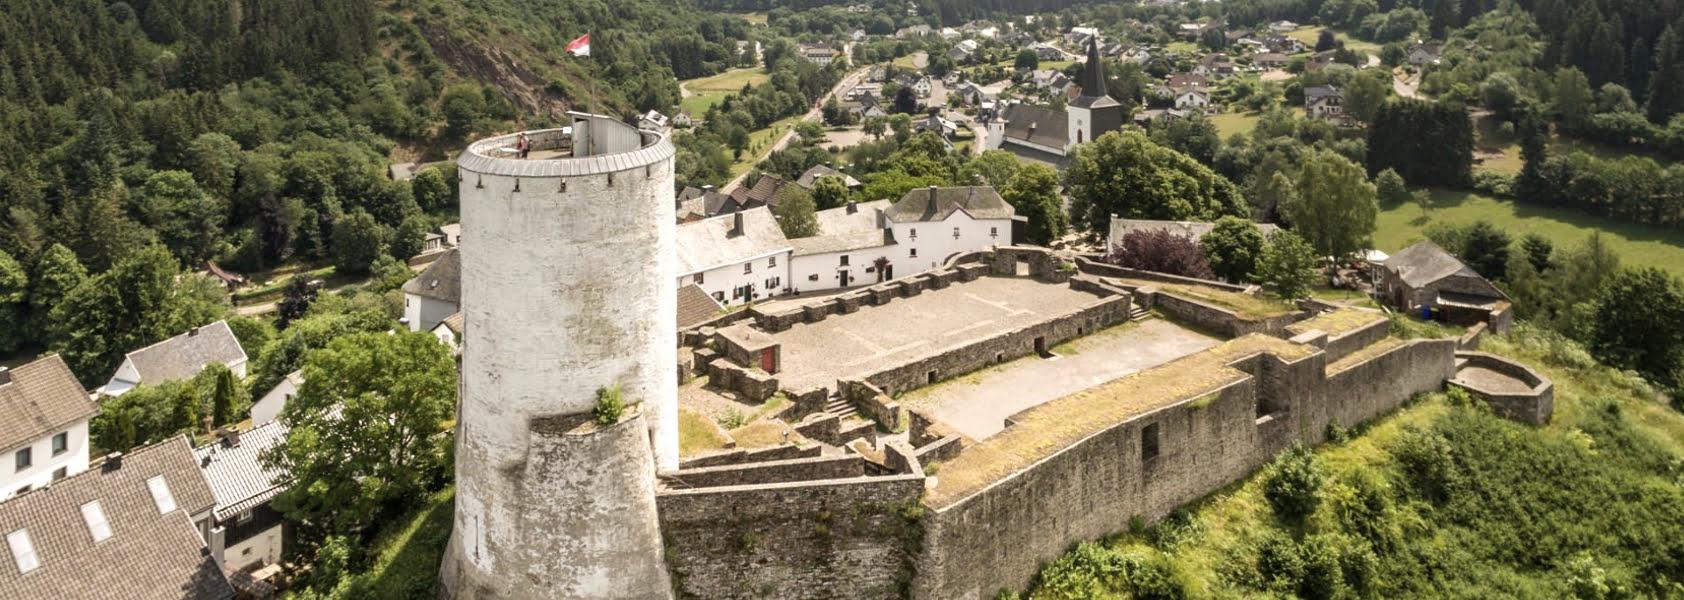 Duitsland | Eifelsteig : Manderscheid – Trier